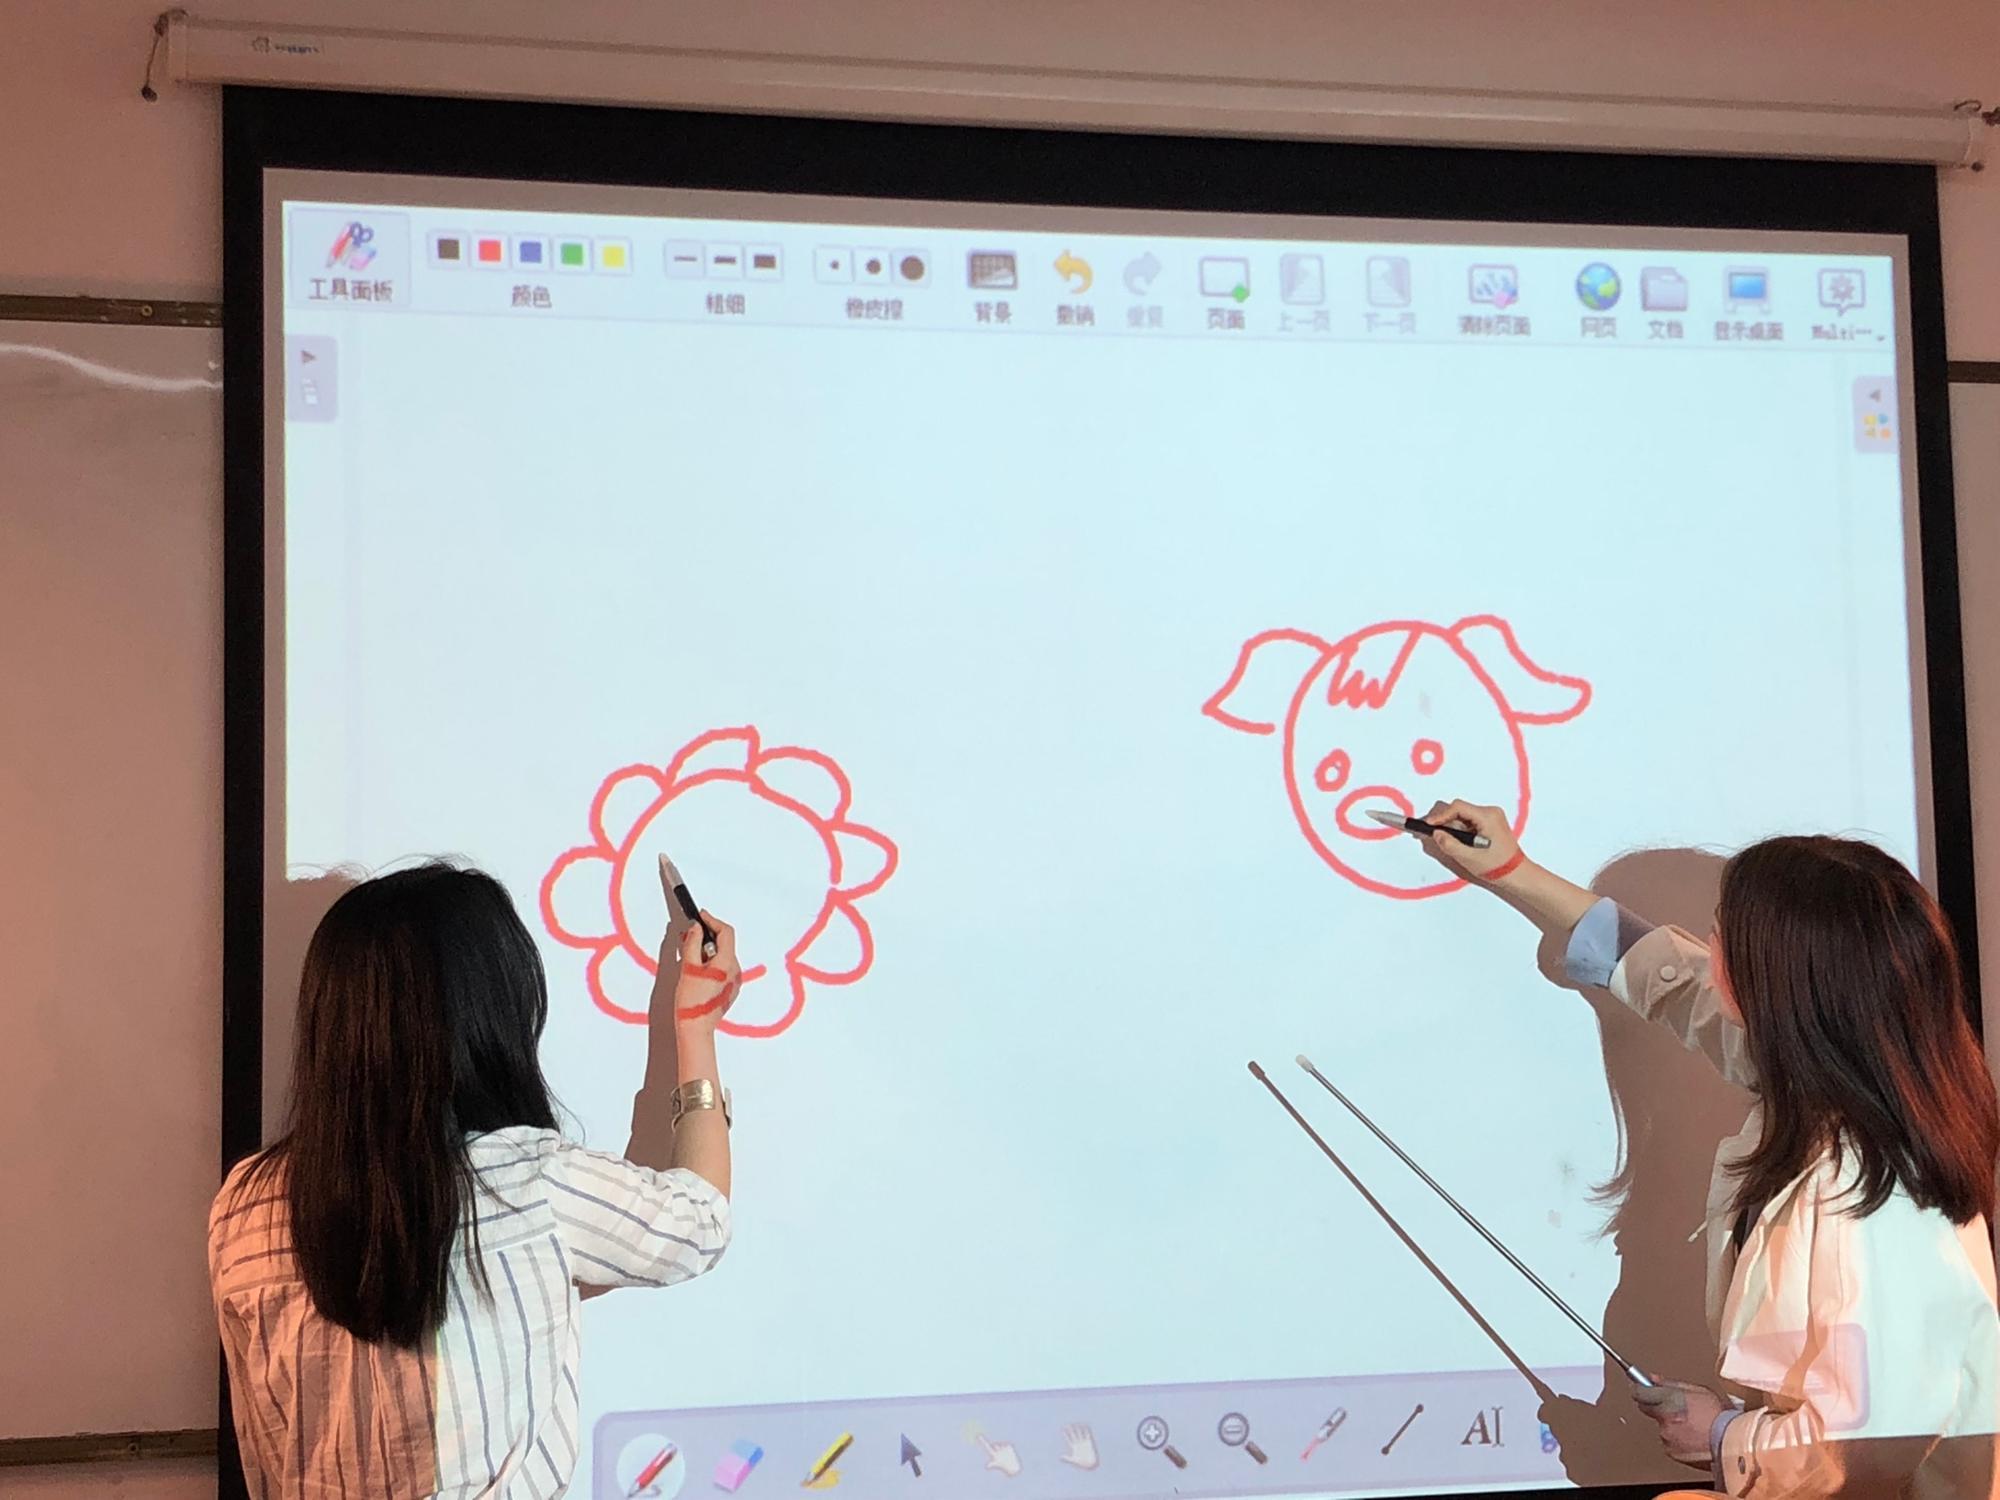 Infrarrojos IR pluma control remoto Wii Pizarra Interactiva Dual activado Oway Interactive Pen